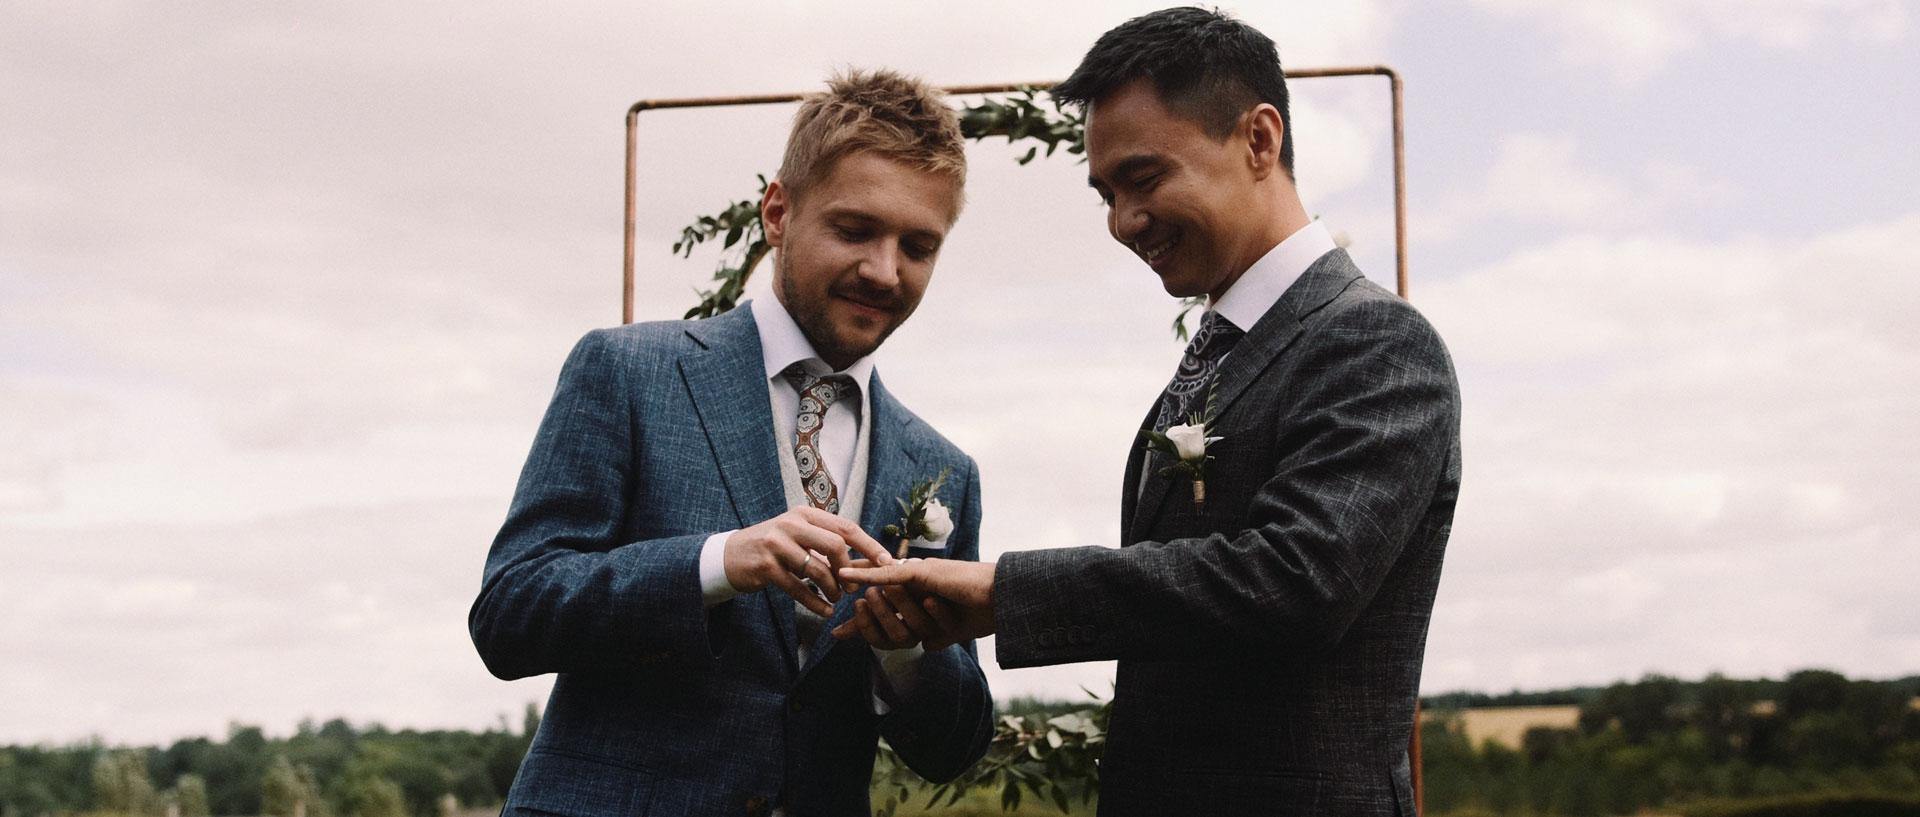 Sam-&-David---Wedding-Film.00_02_05_23.jpg